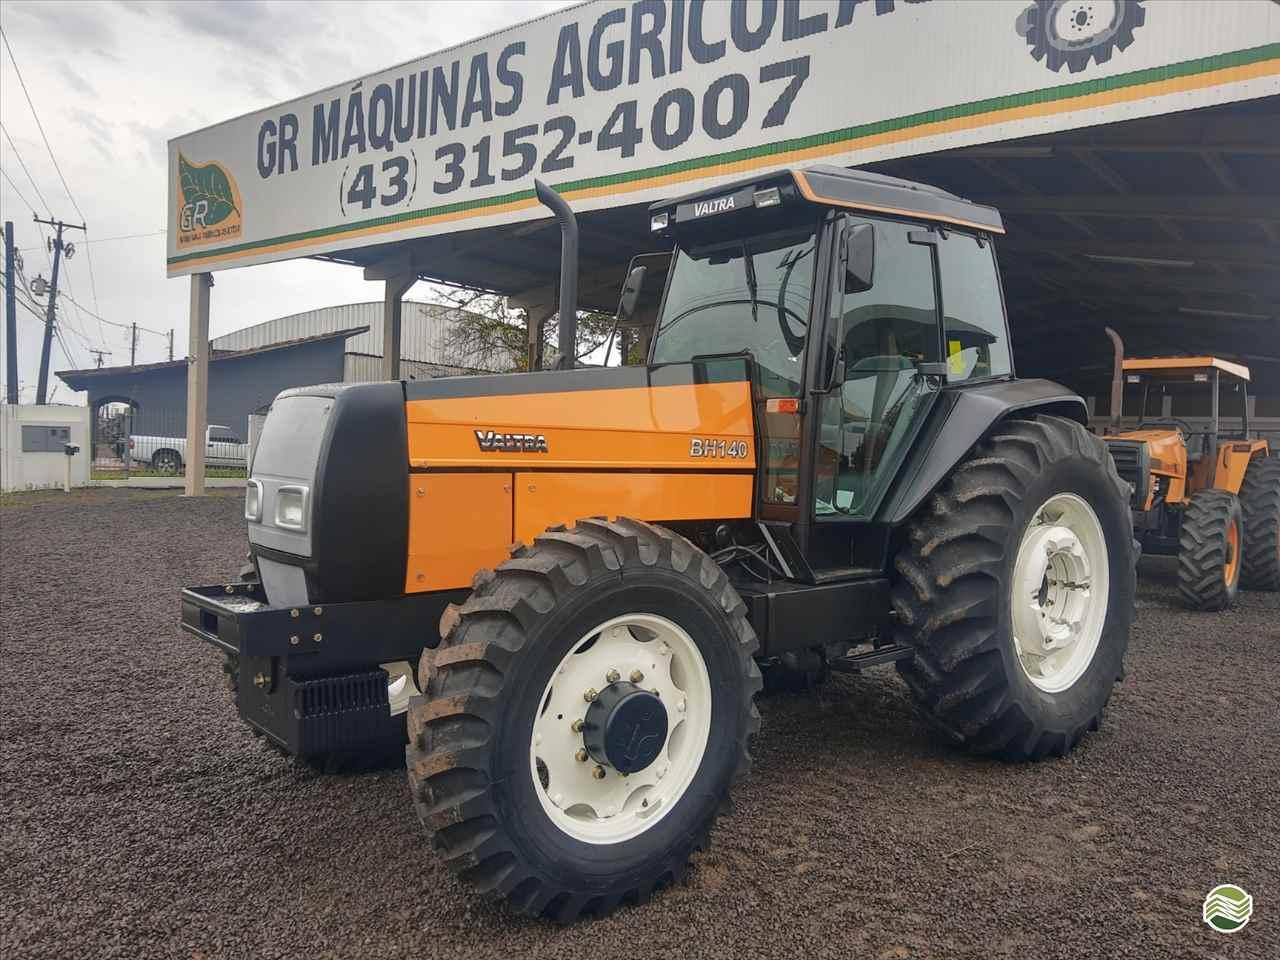 TRATOR VALTRA VALTRA BH 140 Tração 4x4 GR Máquinas Agrícolas ARAPONGAS PARANÁ PR